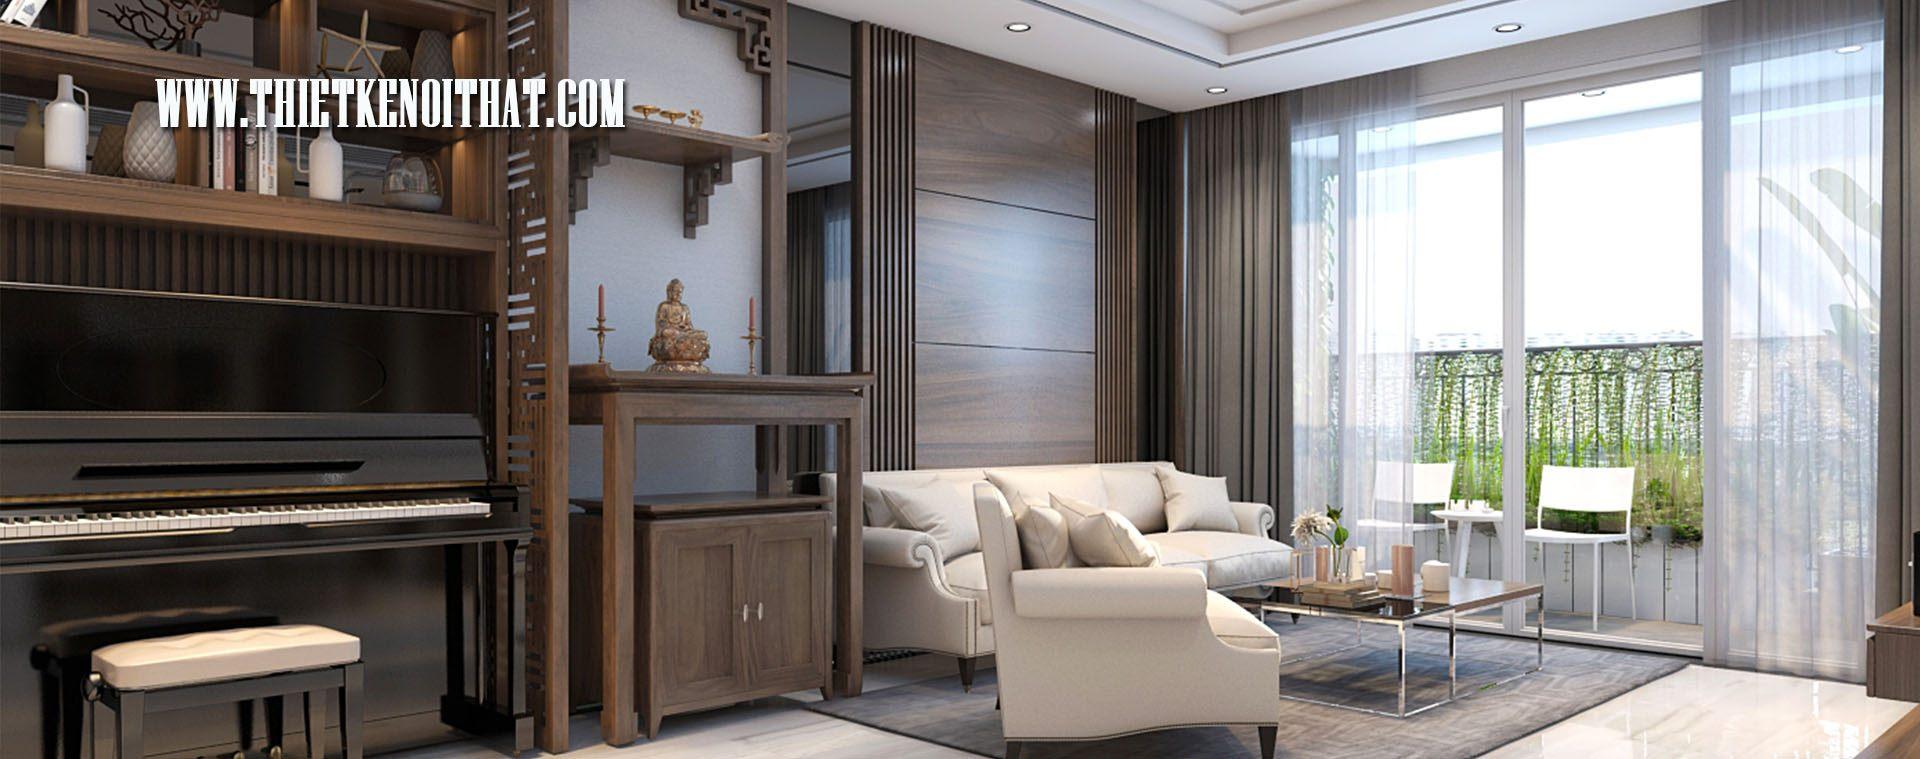 Thiết kế nội thất chung cư Vinhome Gardenia Mỹ Đình Nam Từ Liêm Hà Nội